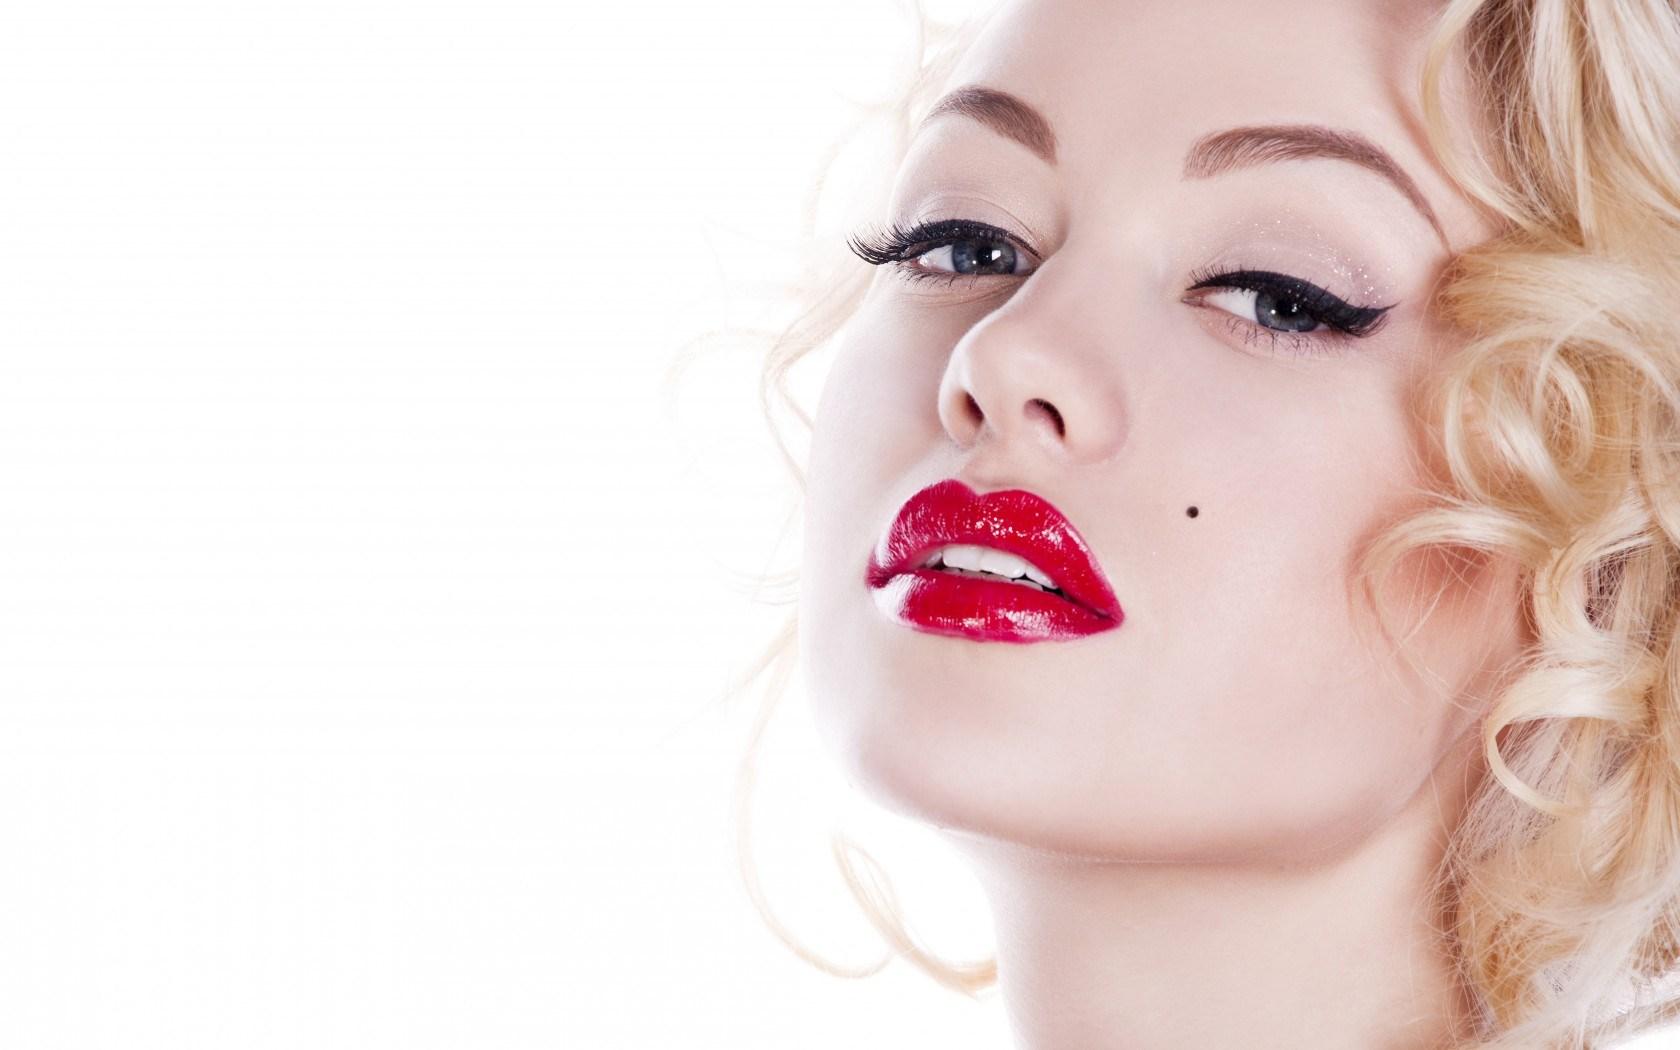 Model Makeup Wallpaper Hd 43556 1680x1050px